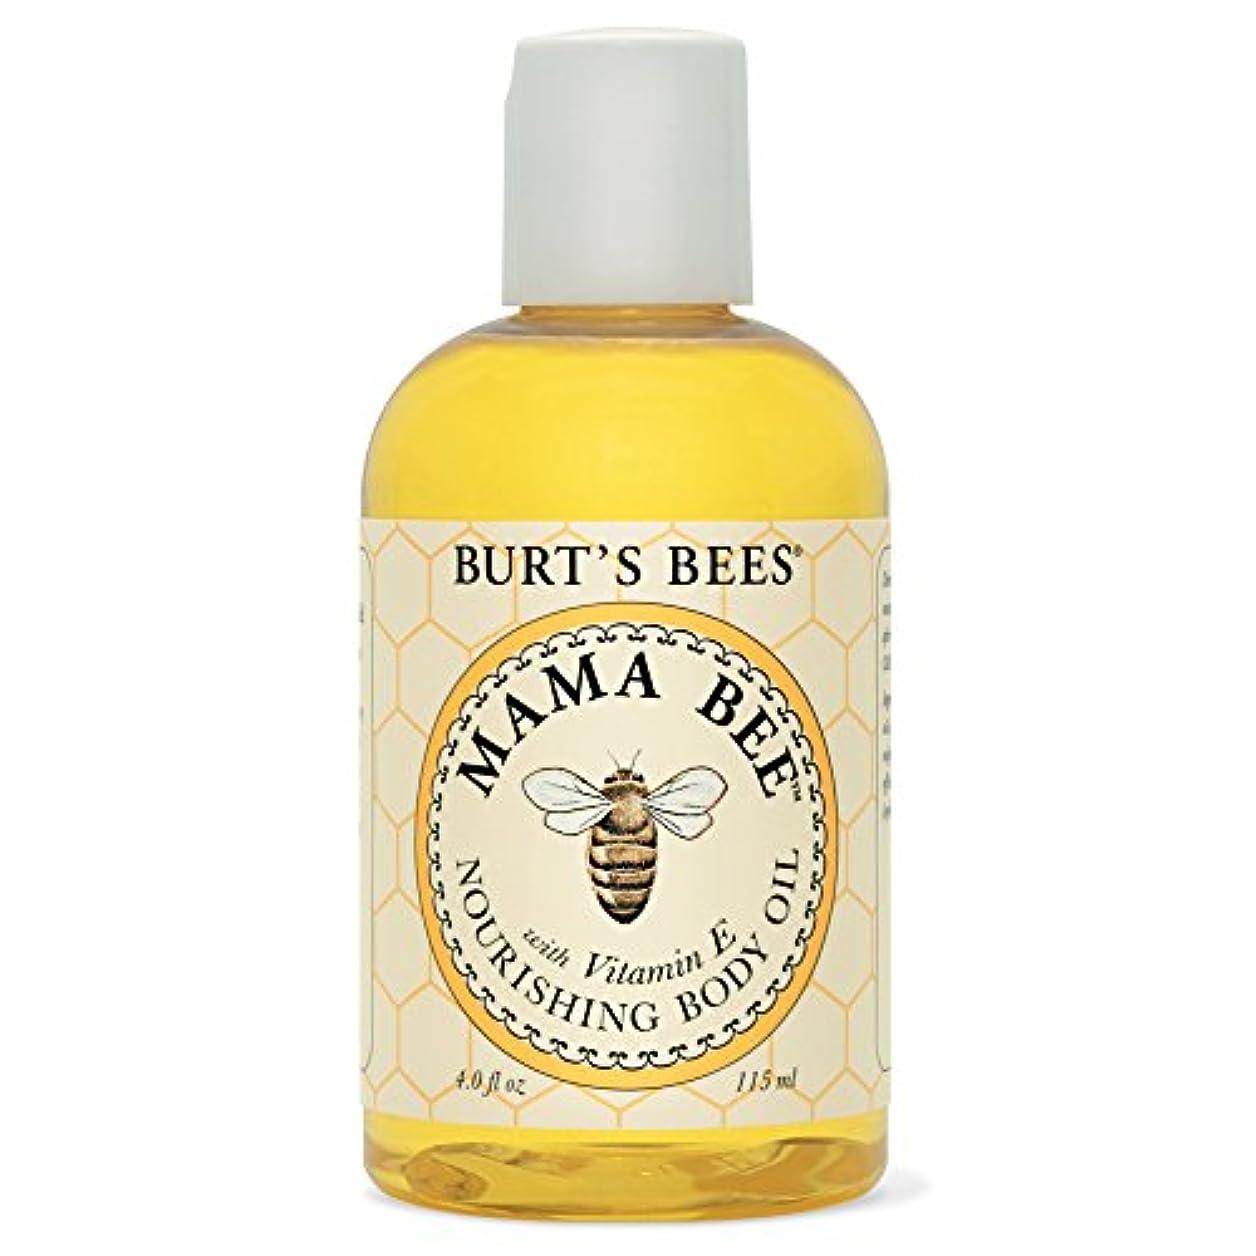 ランク信じるテレビ局バーツビーママ蜂栄養ボディオイル115ミリリットル (Burt's Bees) (x6) - Burt's Bees Mama Bee Nourishing Body Oil 115ml (Pack of 6) [並行輸入品]